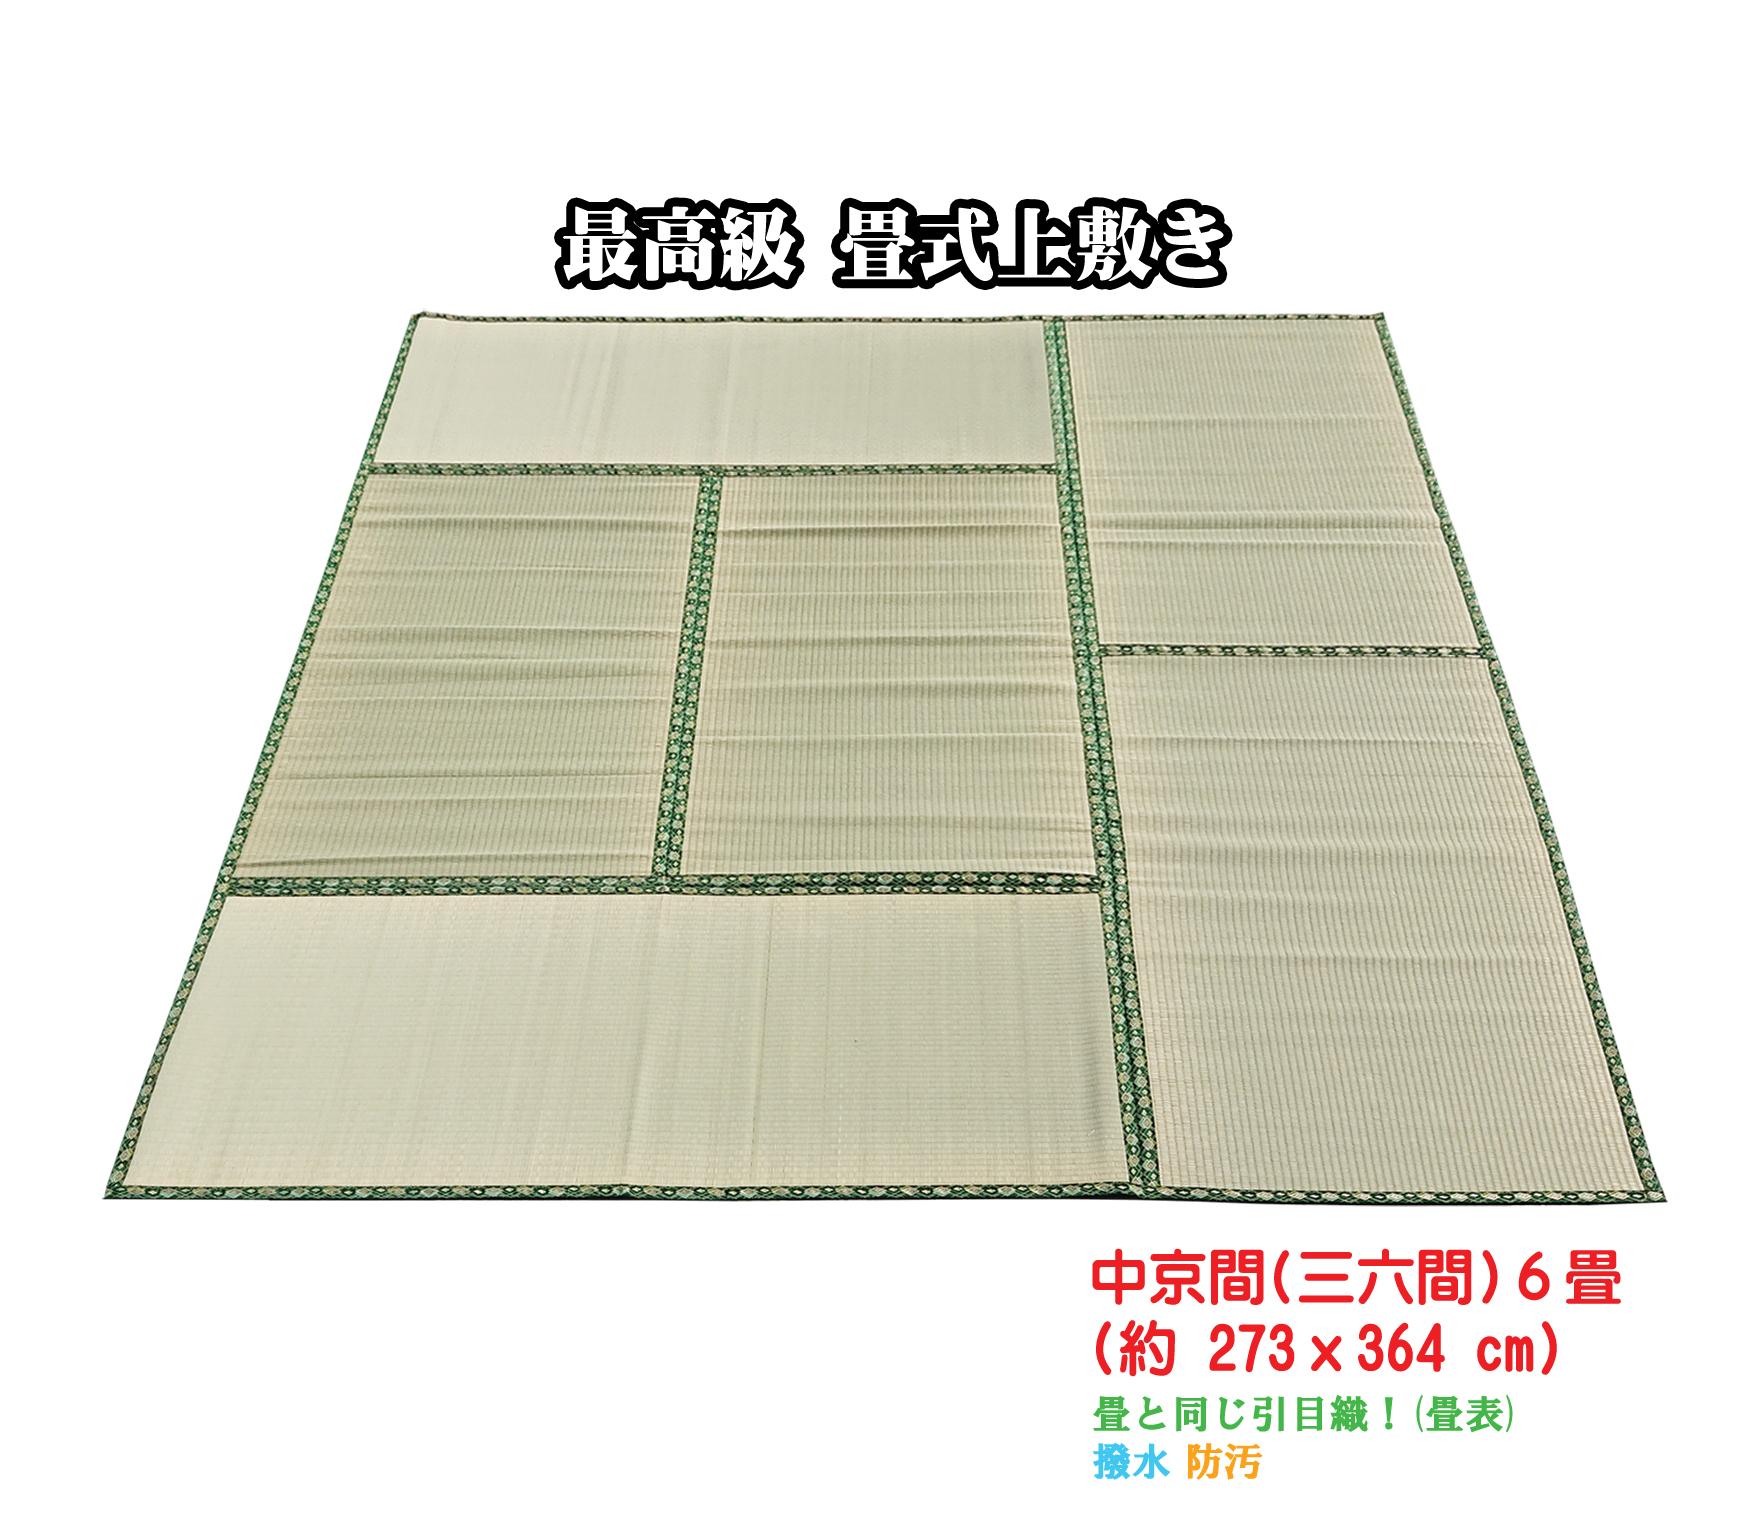 最高級 畳式上敷き(中京間/三六間) 6畳